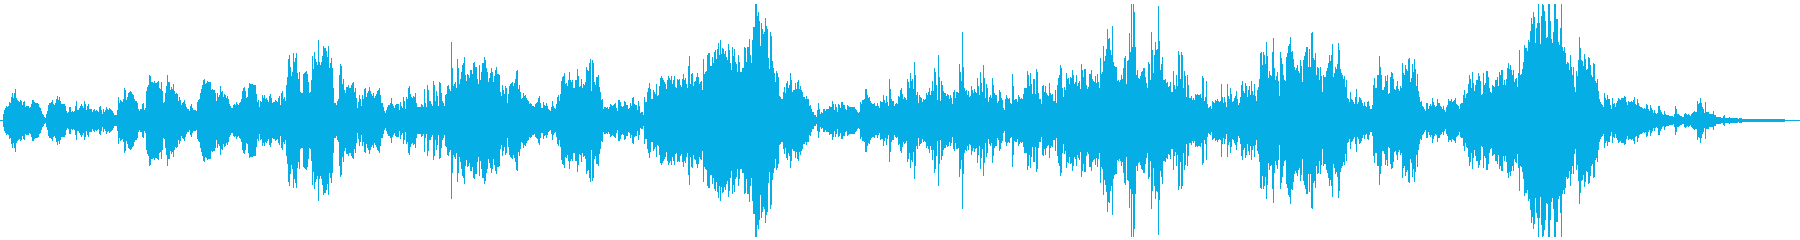 生録フルートとピアノで奏でる感動バラードの再生済みの波形